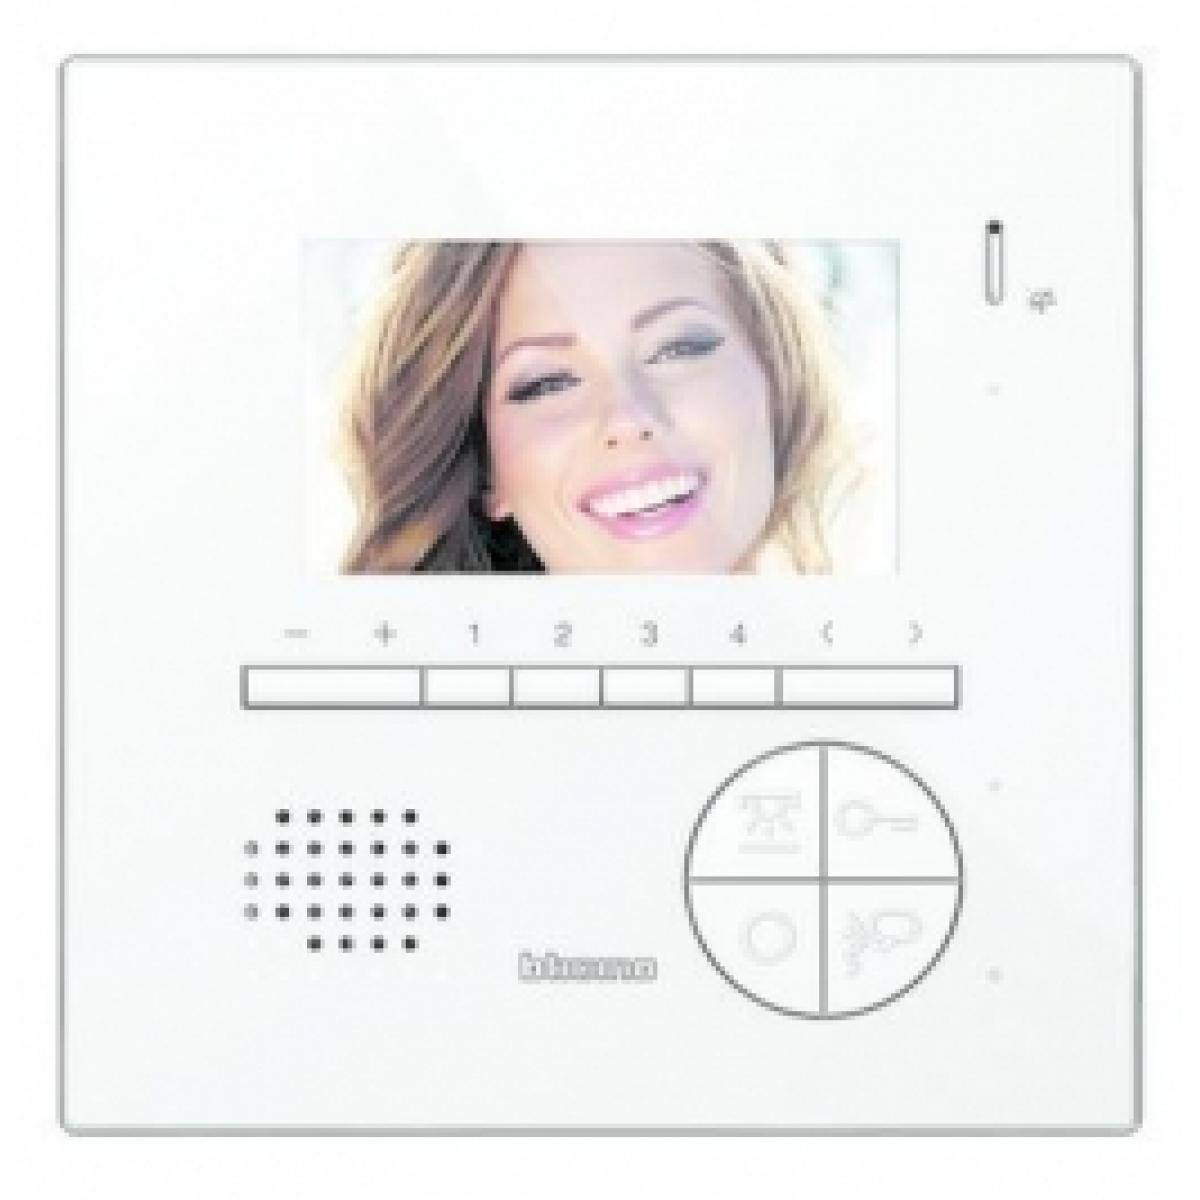 Bticino videocitofono classe 100 v12e 344522